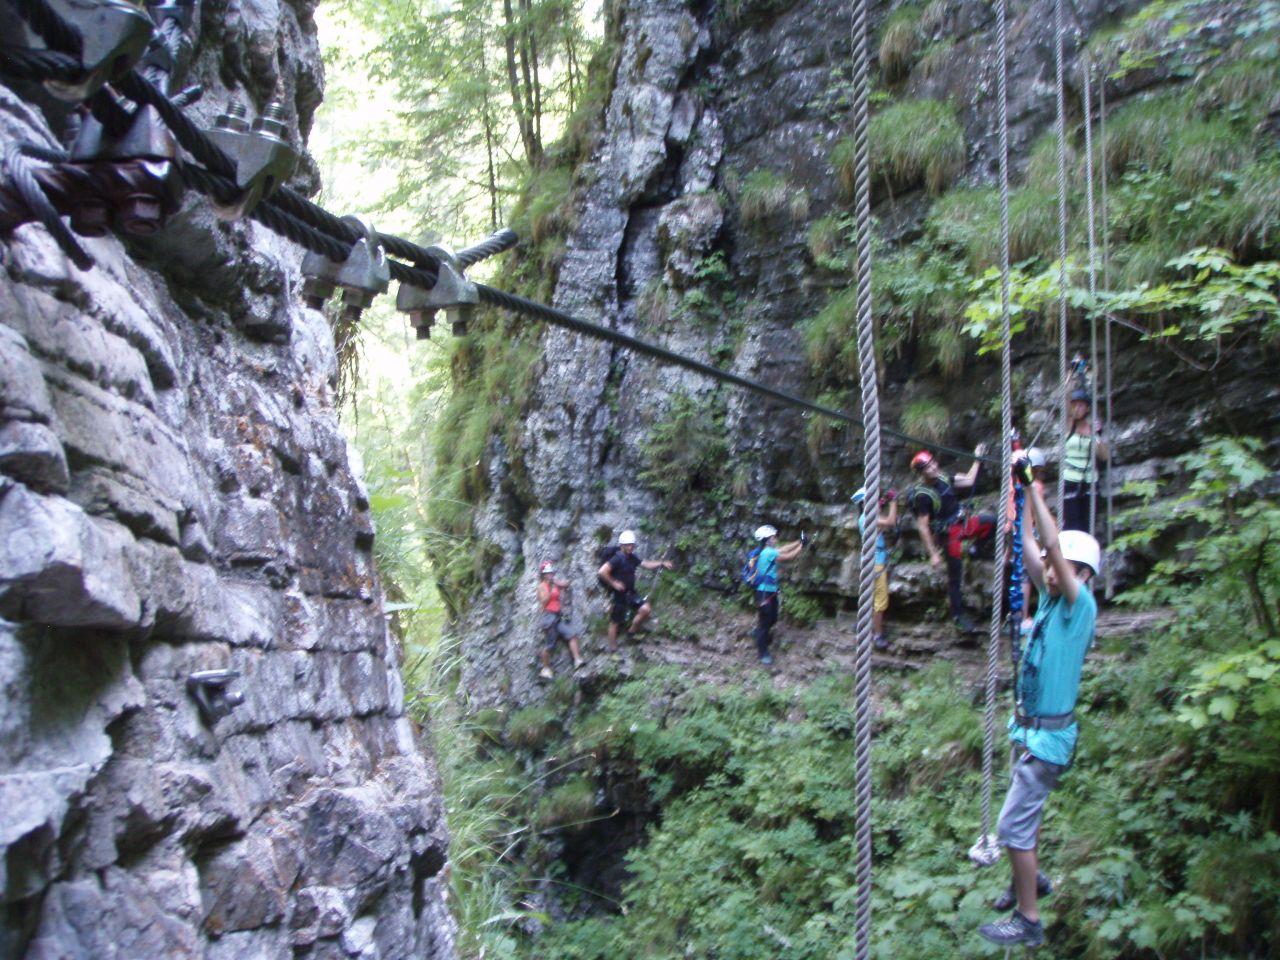 Klettersteig Postalmklamm : 2015 06 14 klettersteig postalmklamm alpenverein